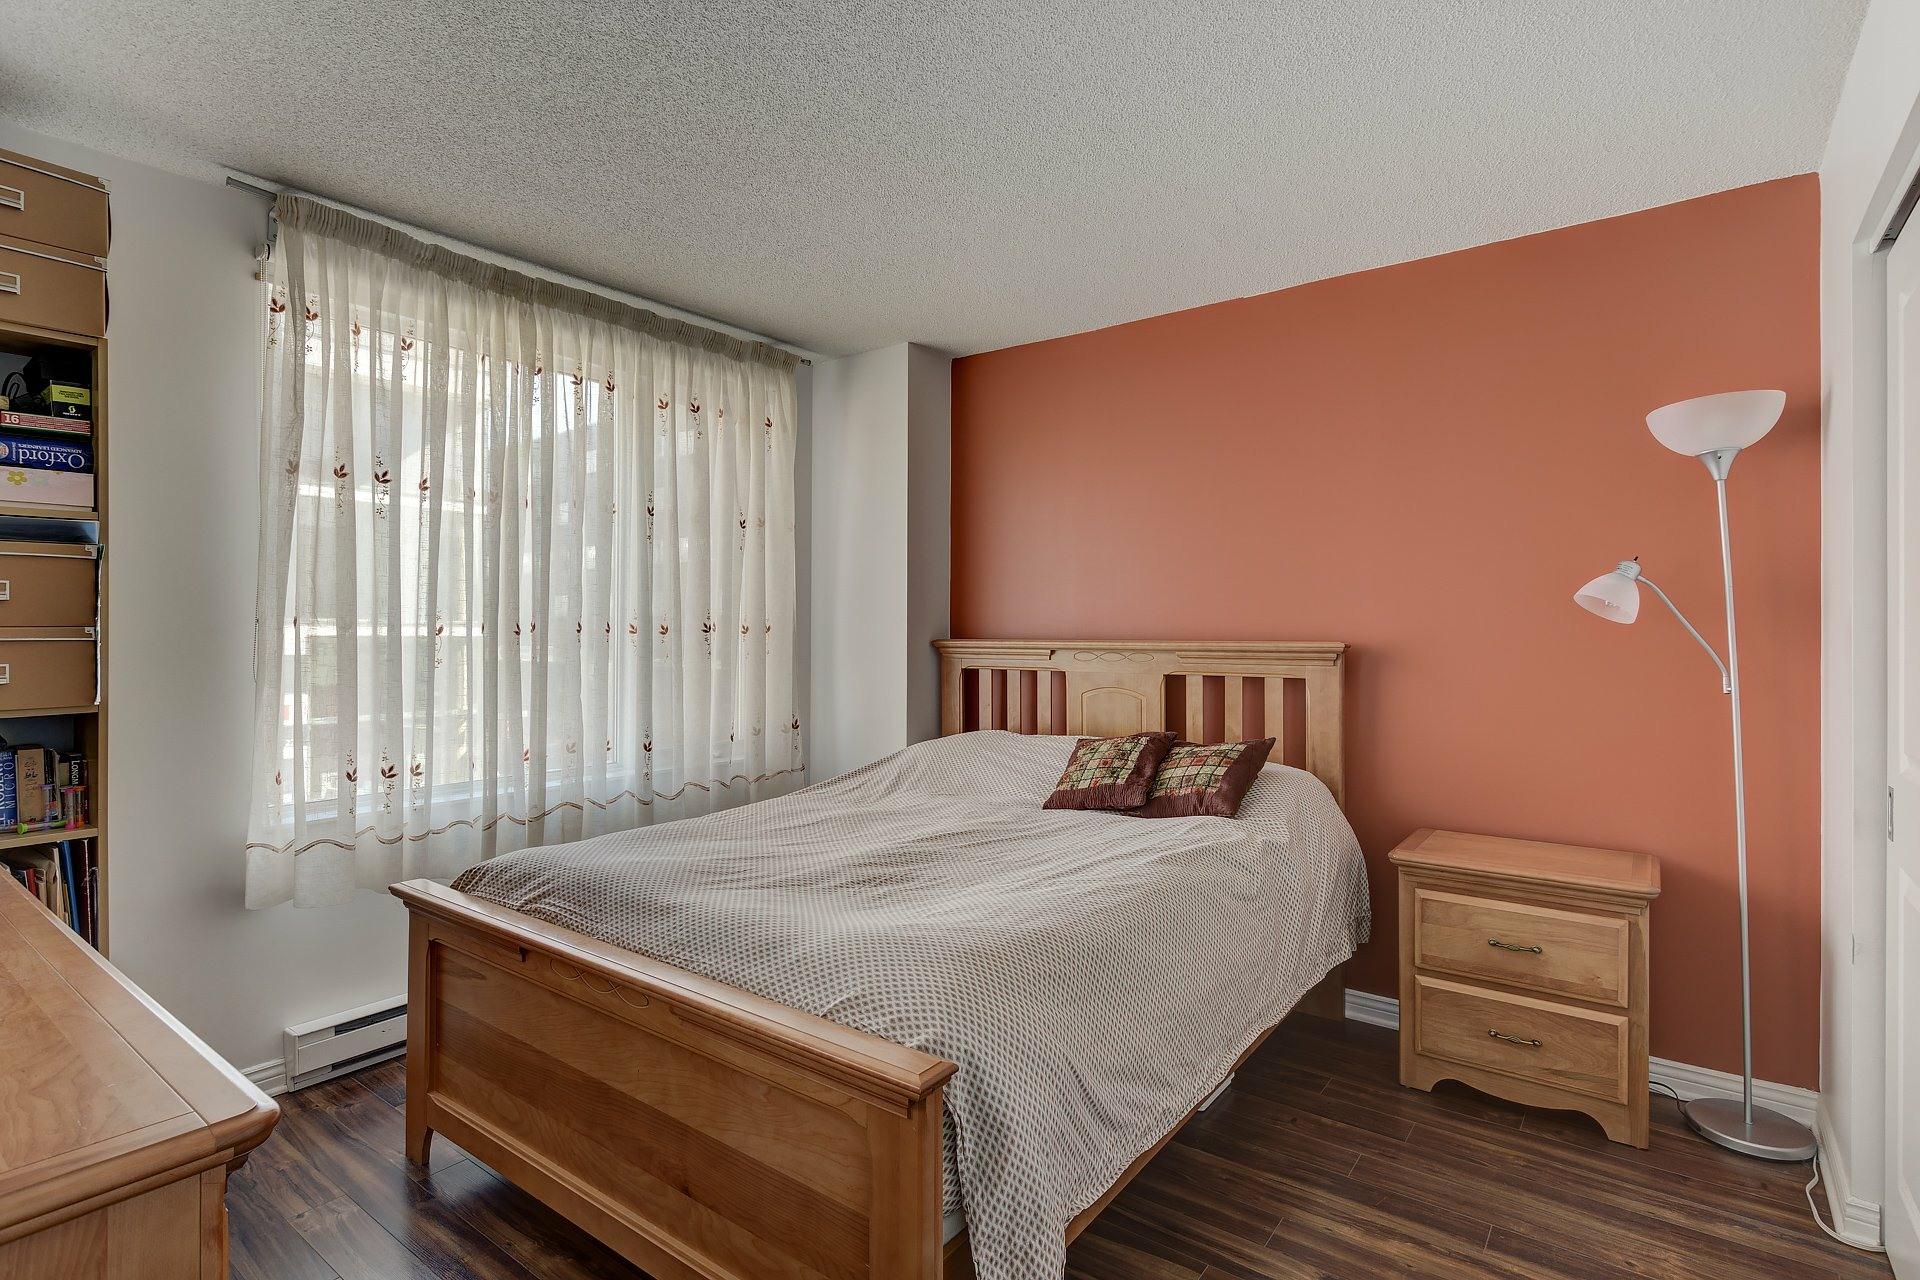 image 8 - Appartement À vendre Montréal Ville-Marie  - 6 pièces